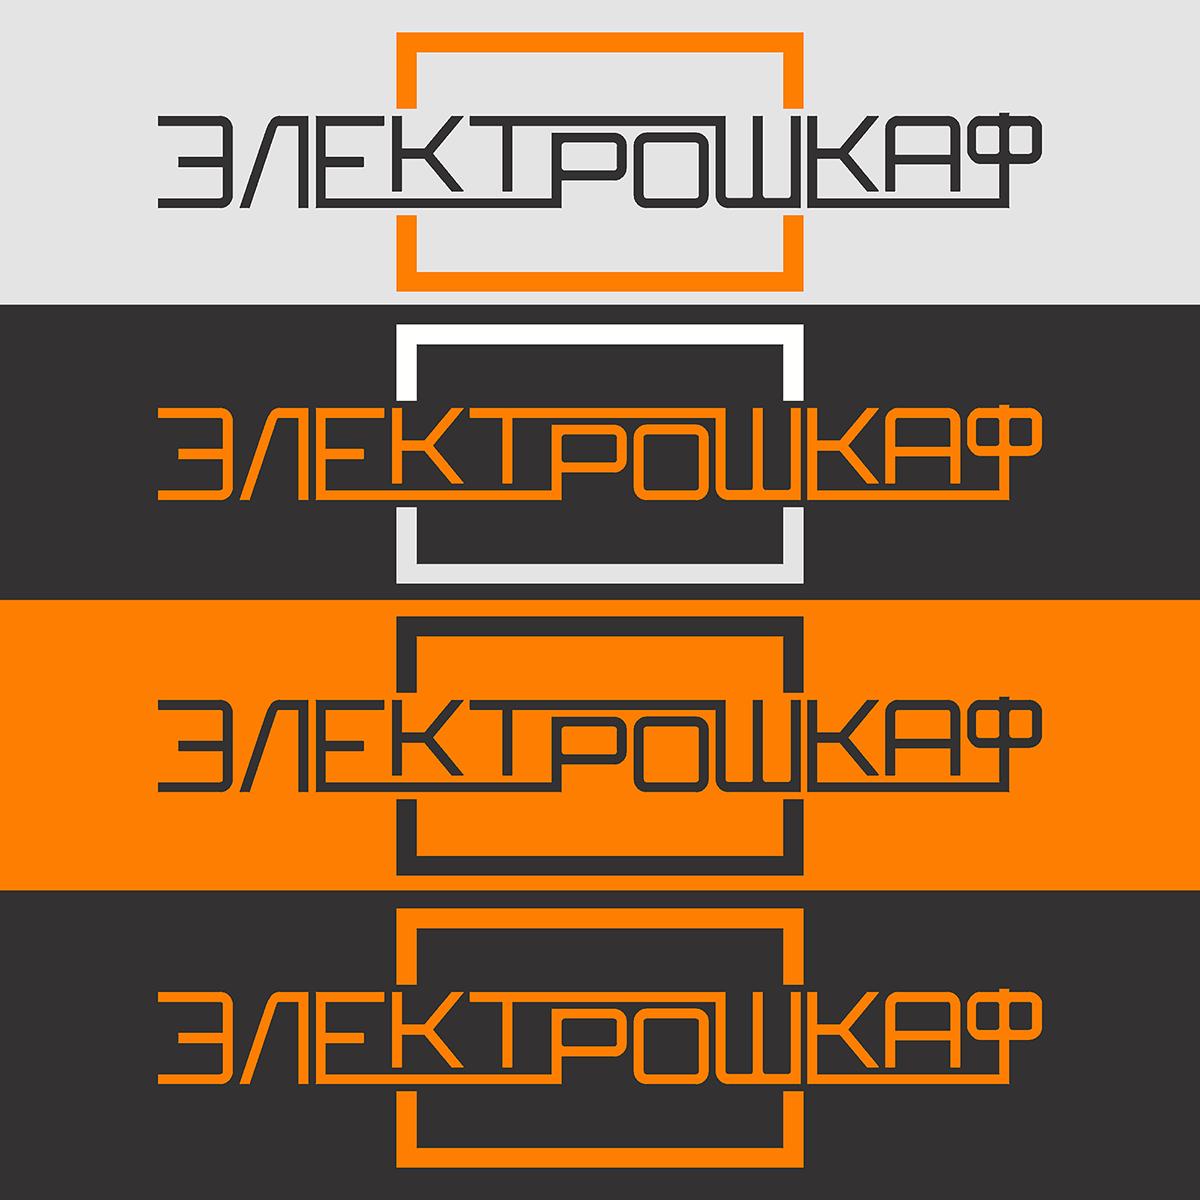 Разработать логотип для завода по производству электрощитов фото f_8985b6d2e2aca03d.png